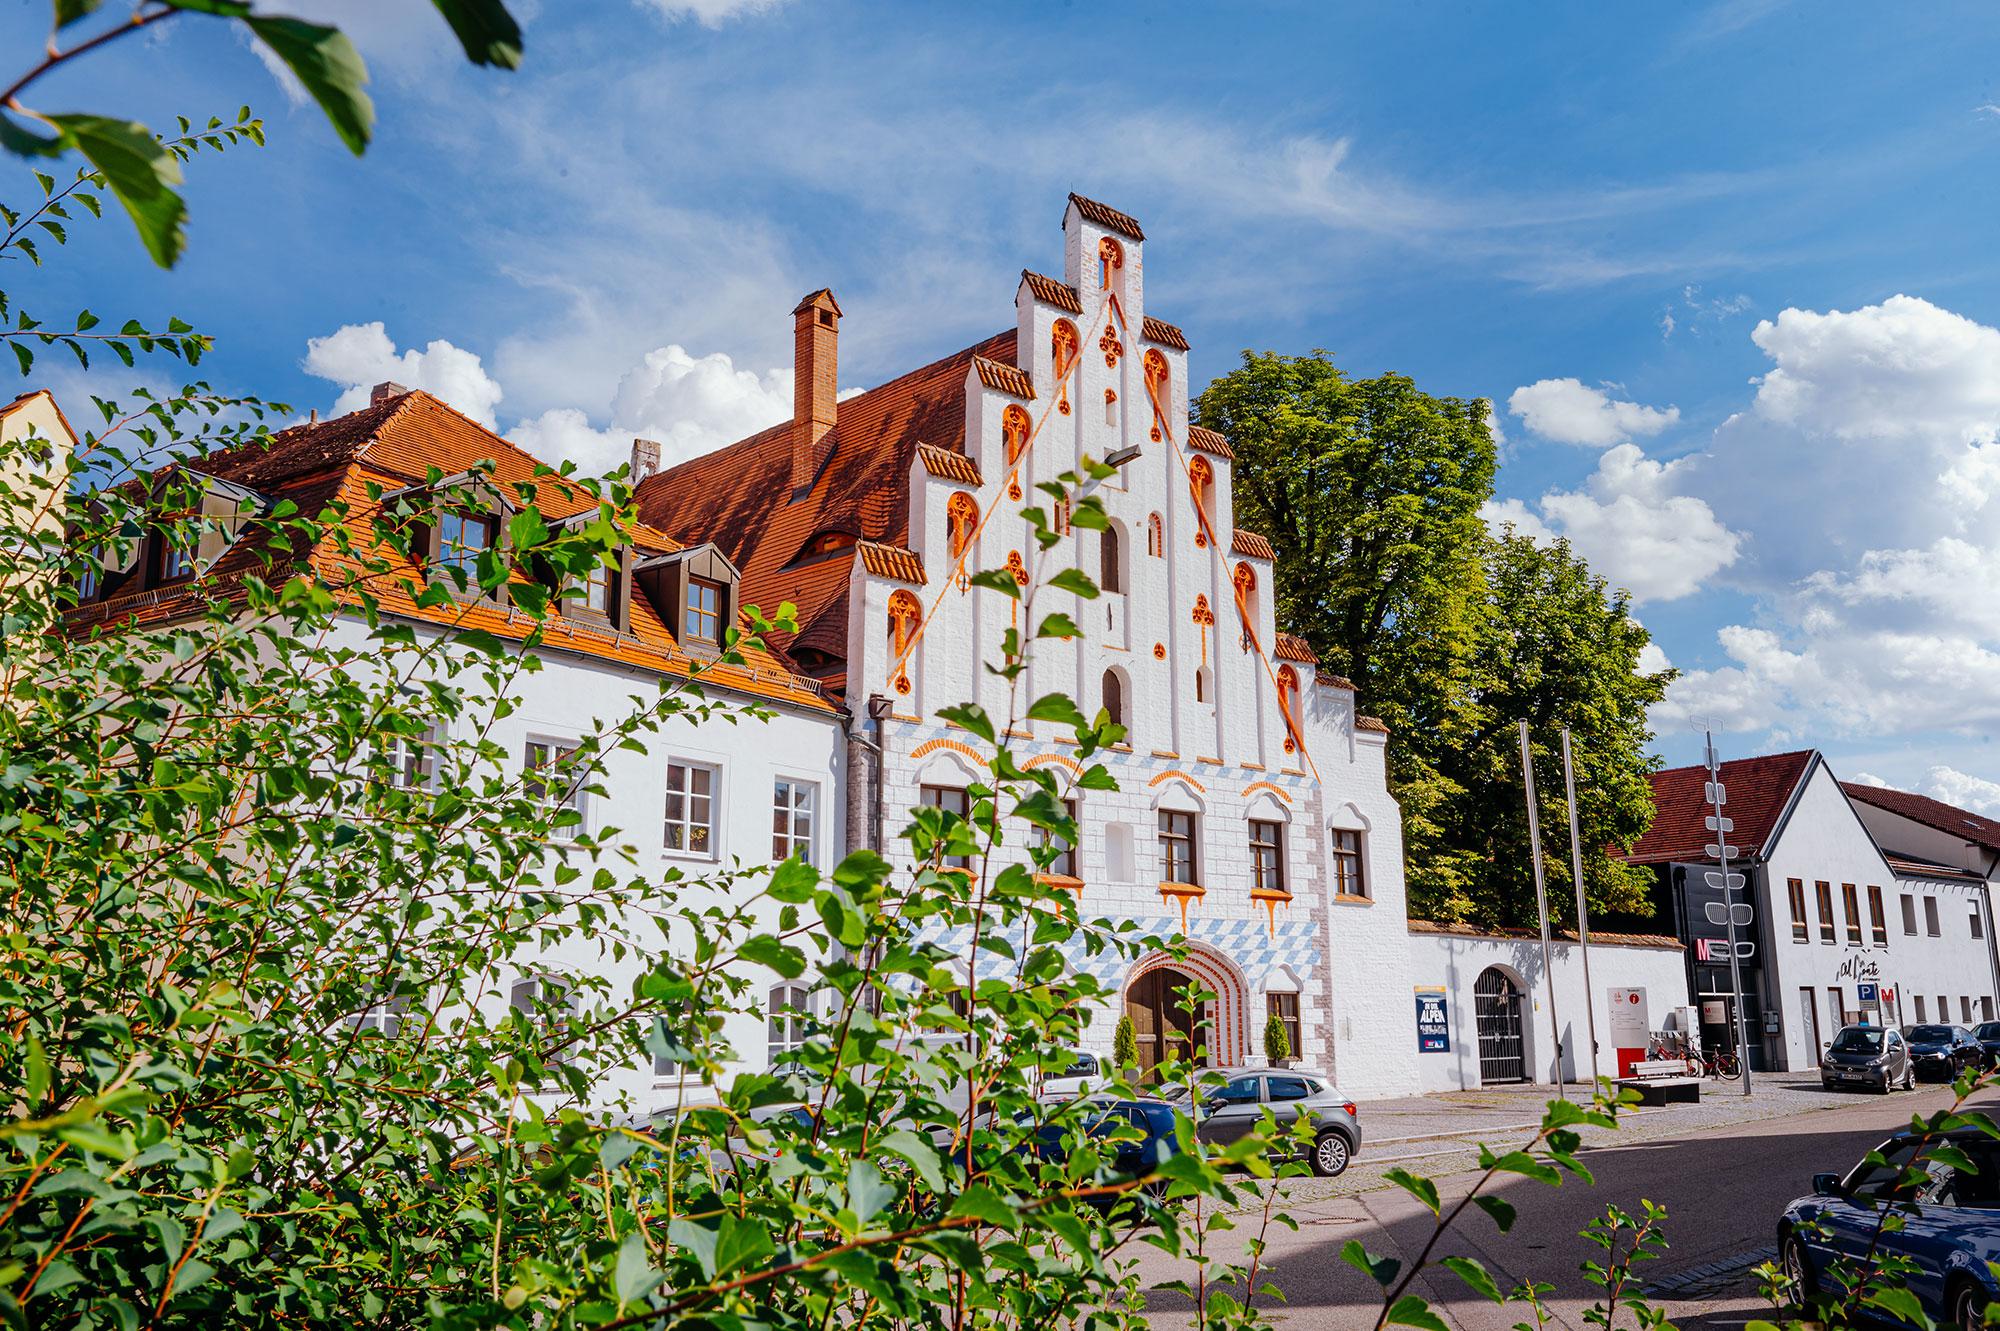 Die Herzogsburg - ein ehemaliges Amts- und Wohnhaus - zählt heute zu den schönsten Baudenkmälern jener Zeit in Niederbayern.